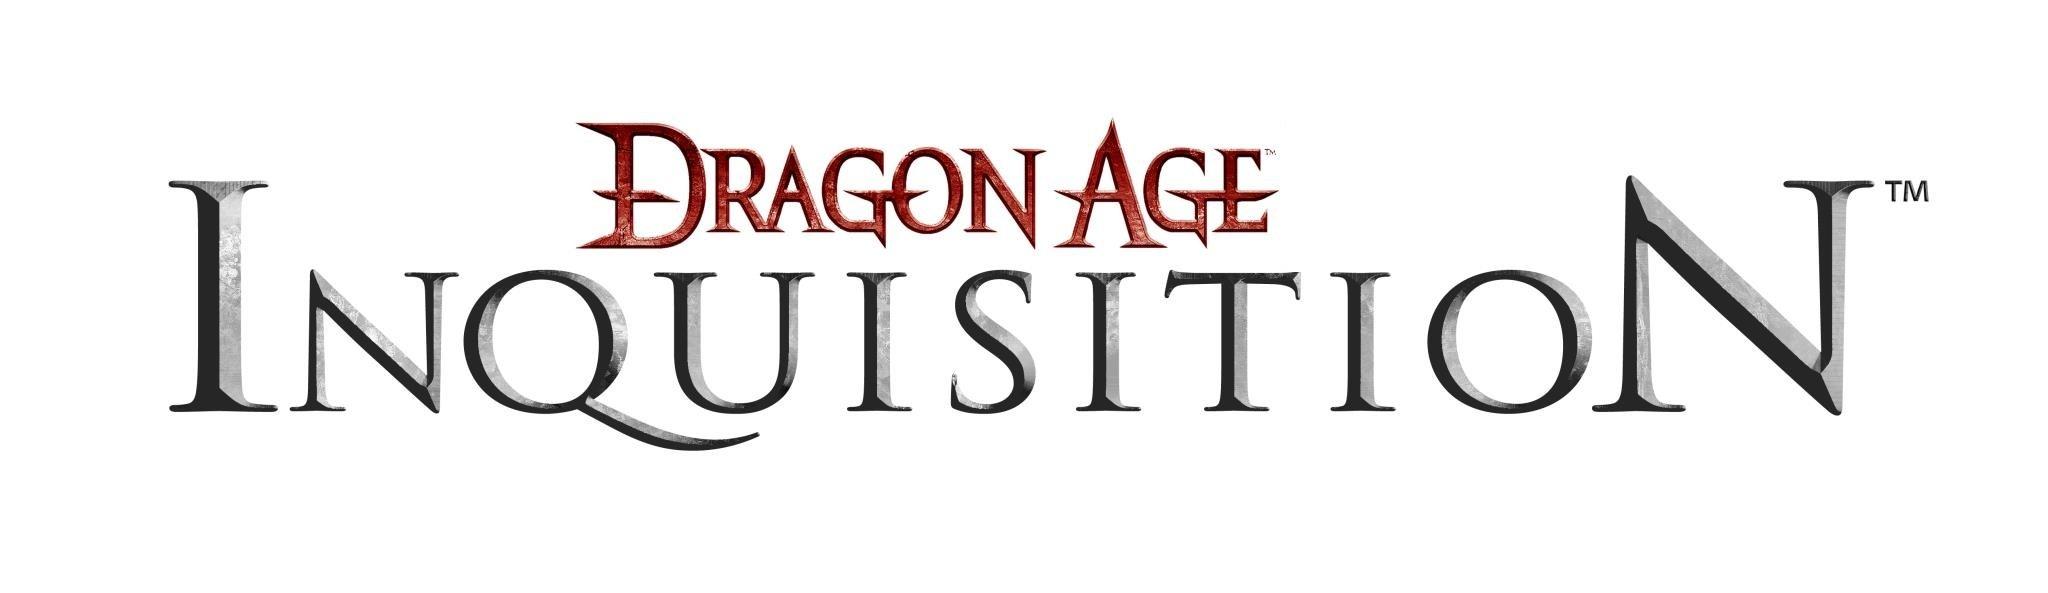 В игре Dragon Age: Inquisition могут появятся сцены с мастурбацией - Изображение 1